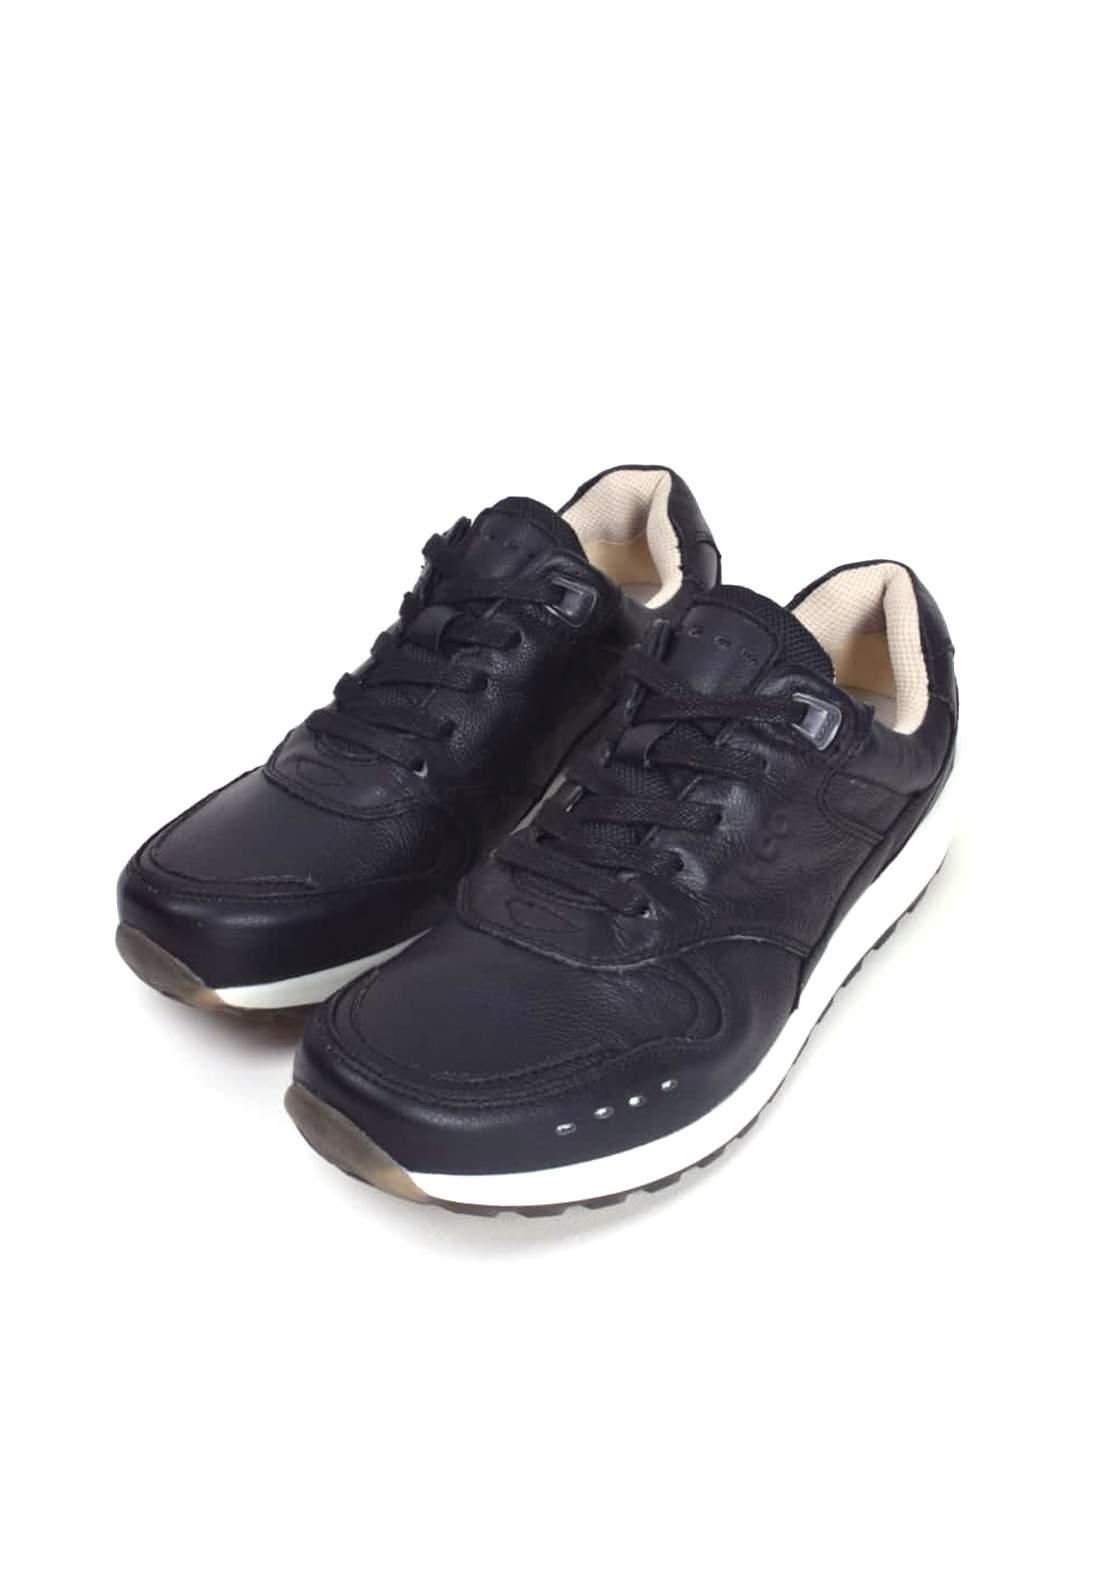 حذاء رجالي رياضي احمر اللون  من skechers